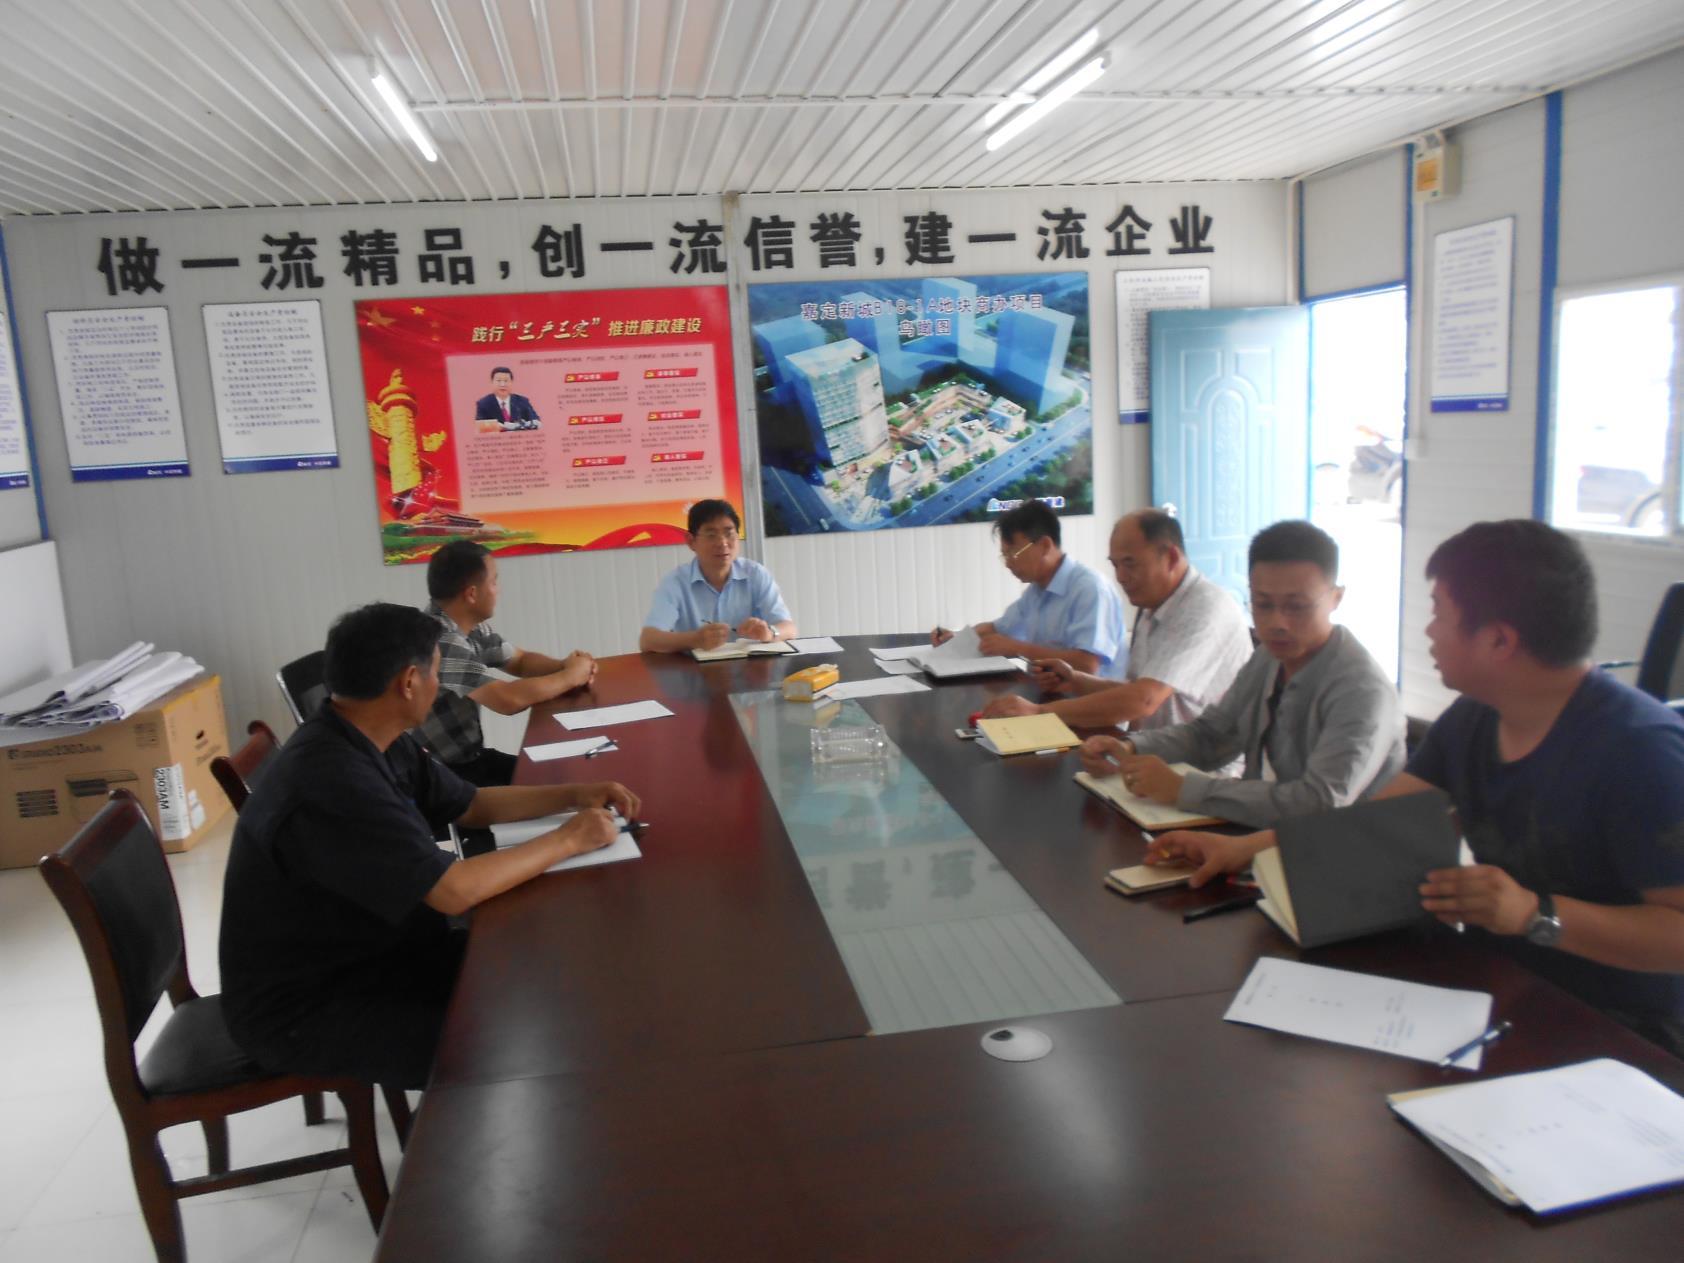 明珠监理上海嘉定新城项目团队开会